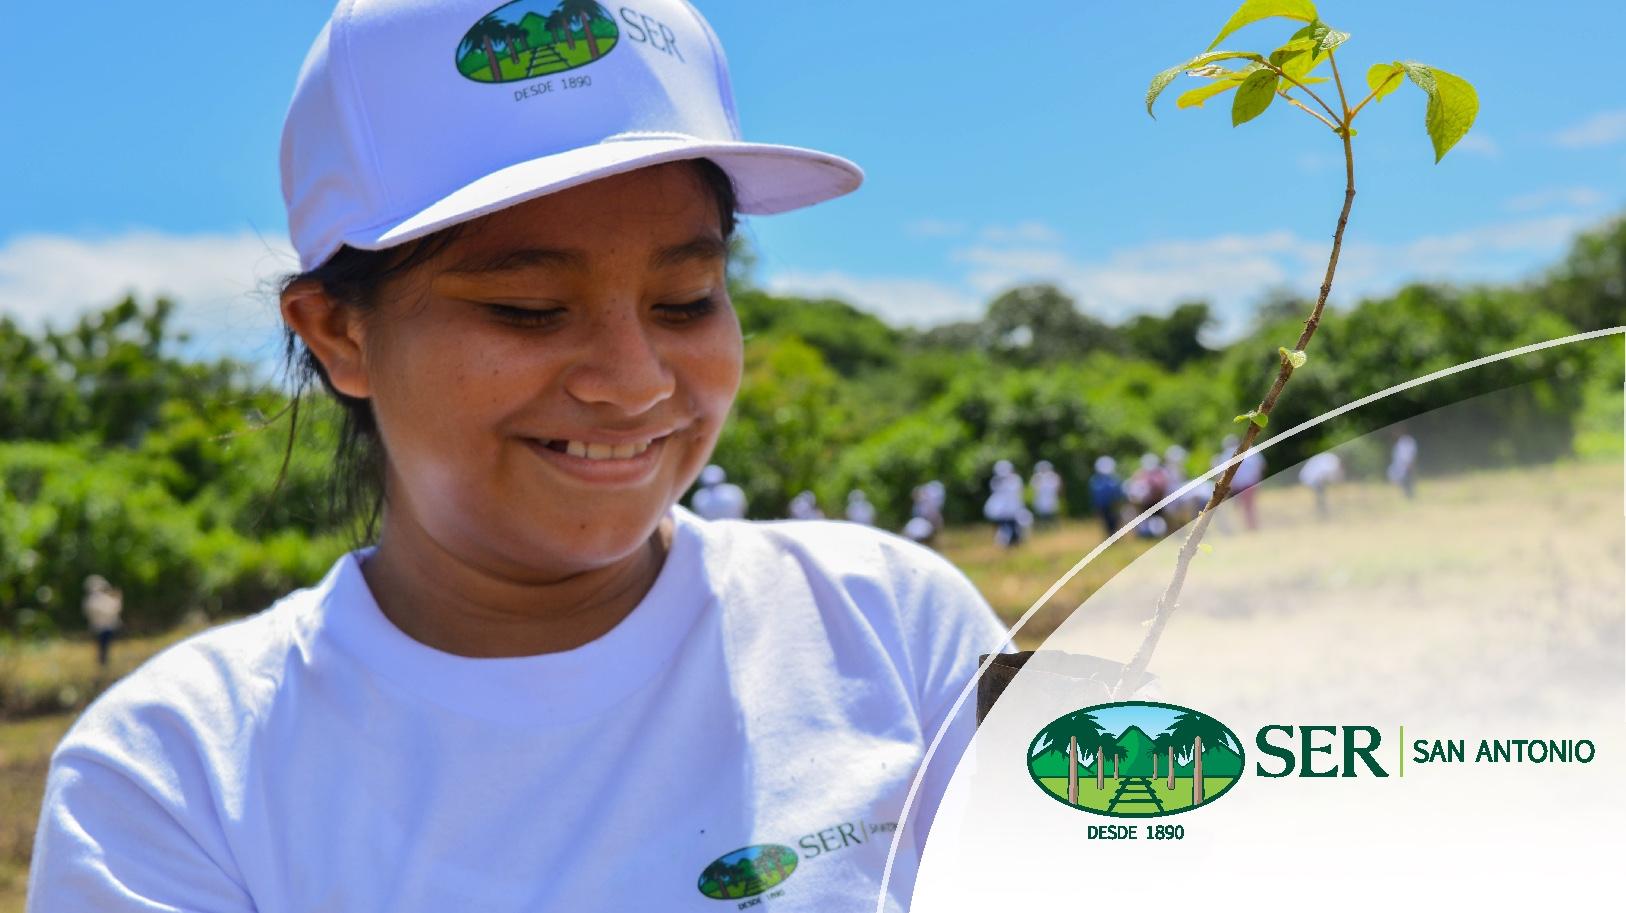 Programa de Reforestación y Educación Ambiental 2019